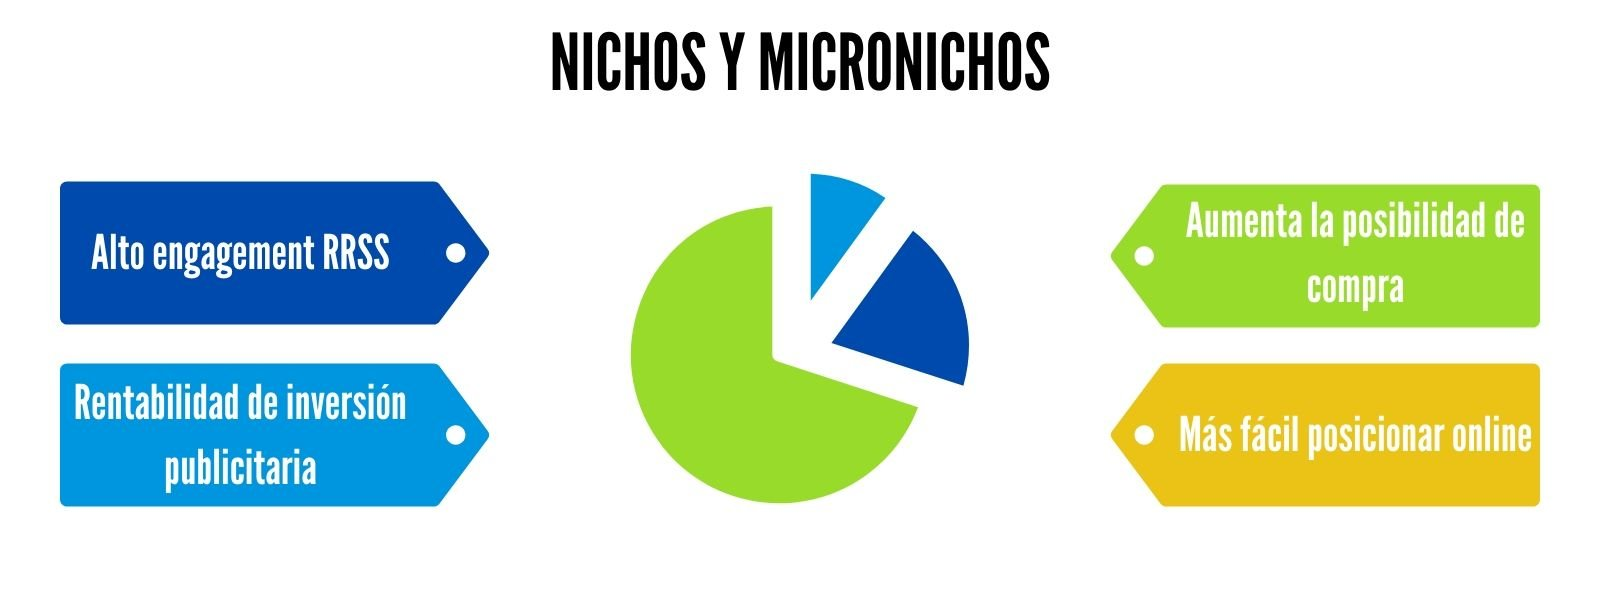 Ventajas nichos y micronichos